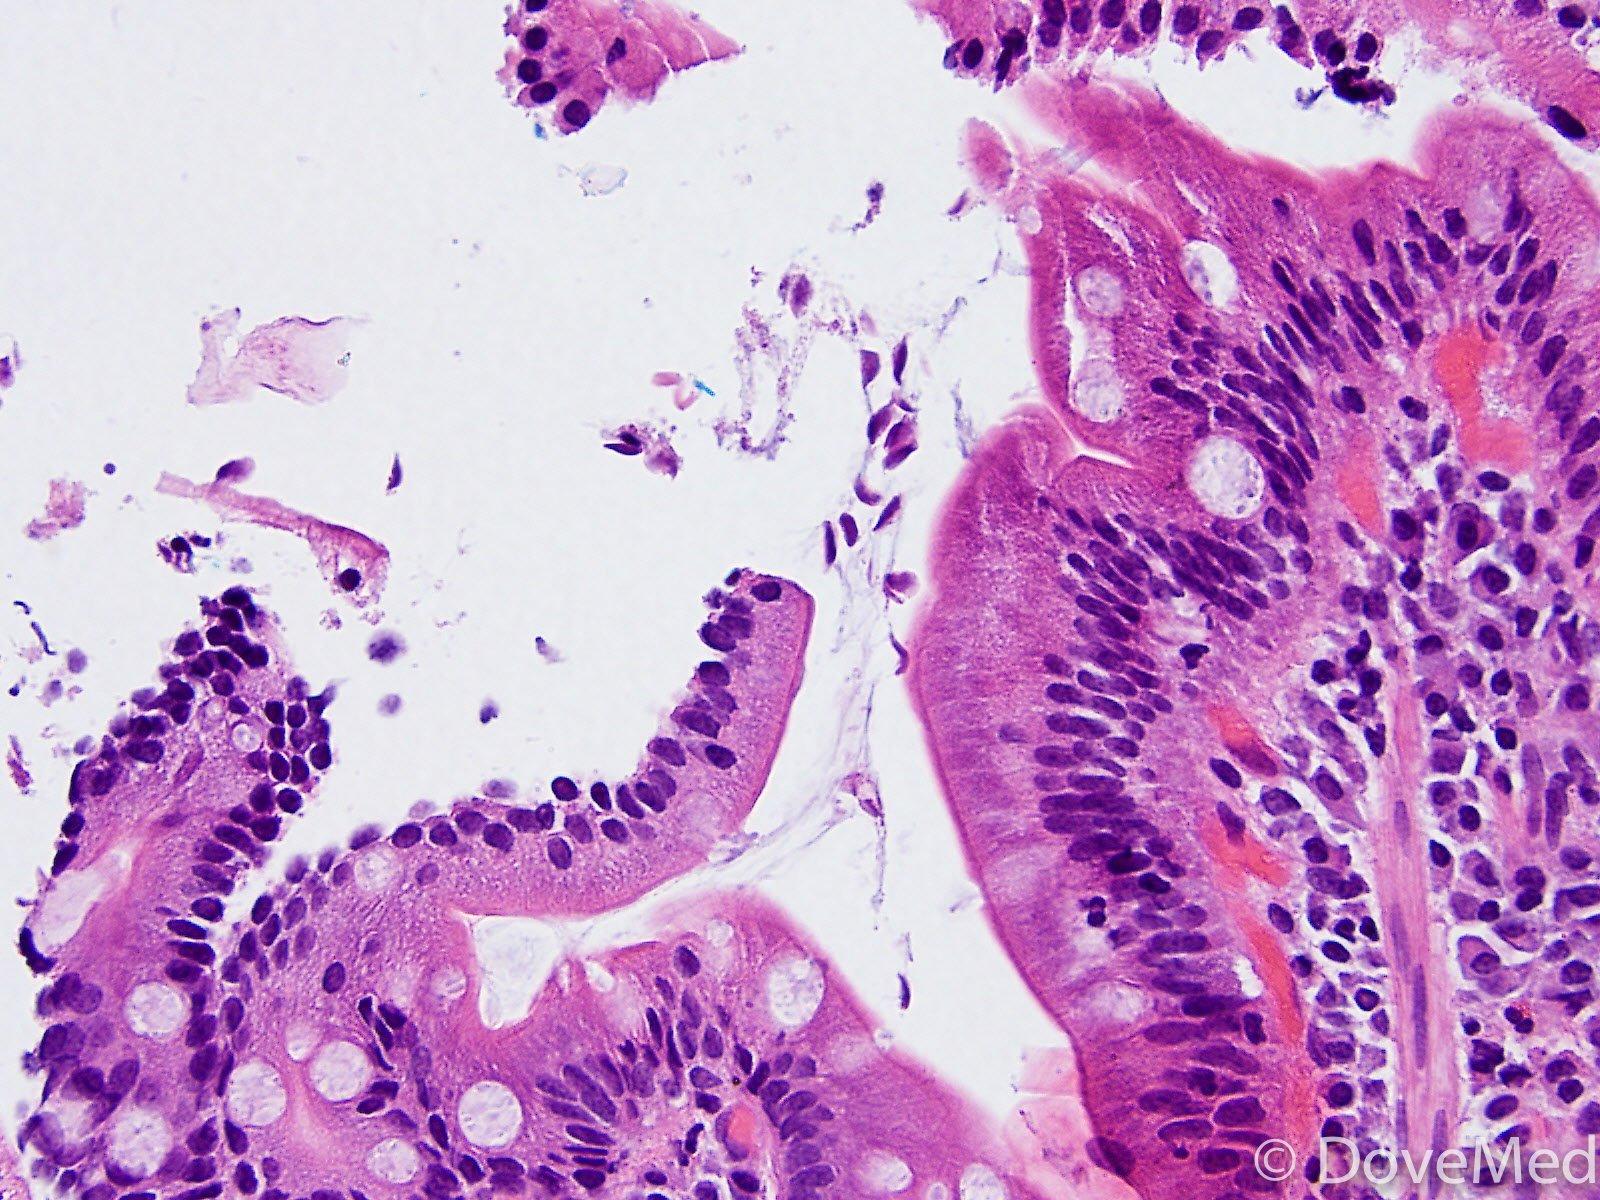 giardia duodenum histopathology